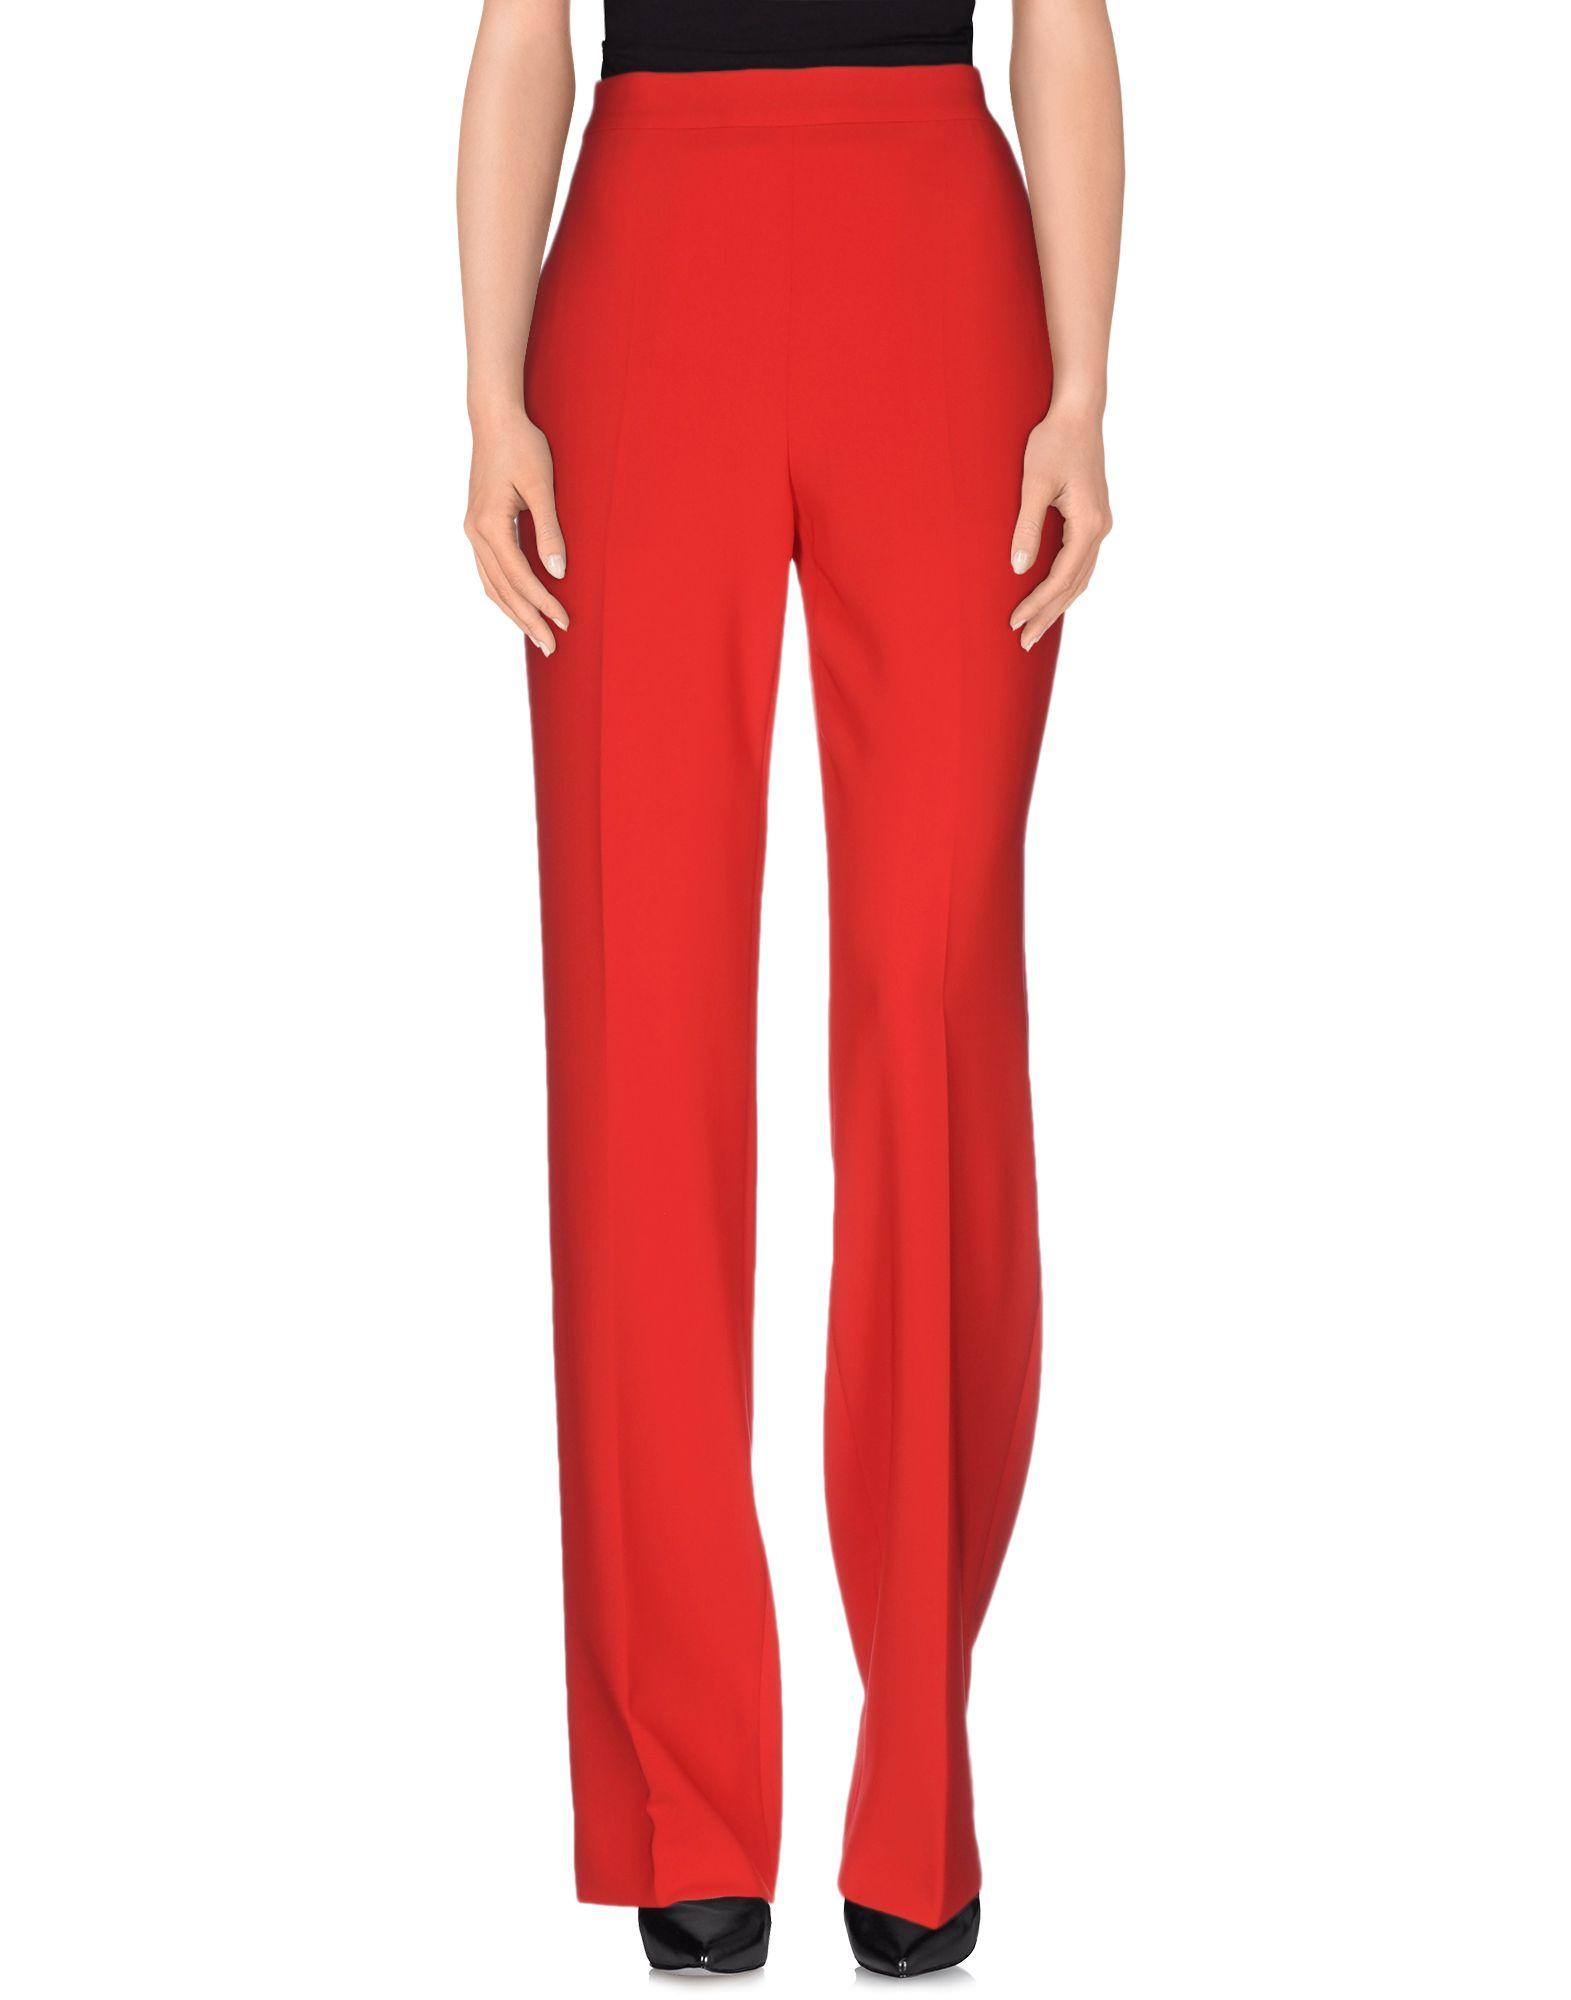 Pantalone Moschino Donna - Acquista online su Y4cY6E